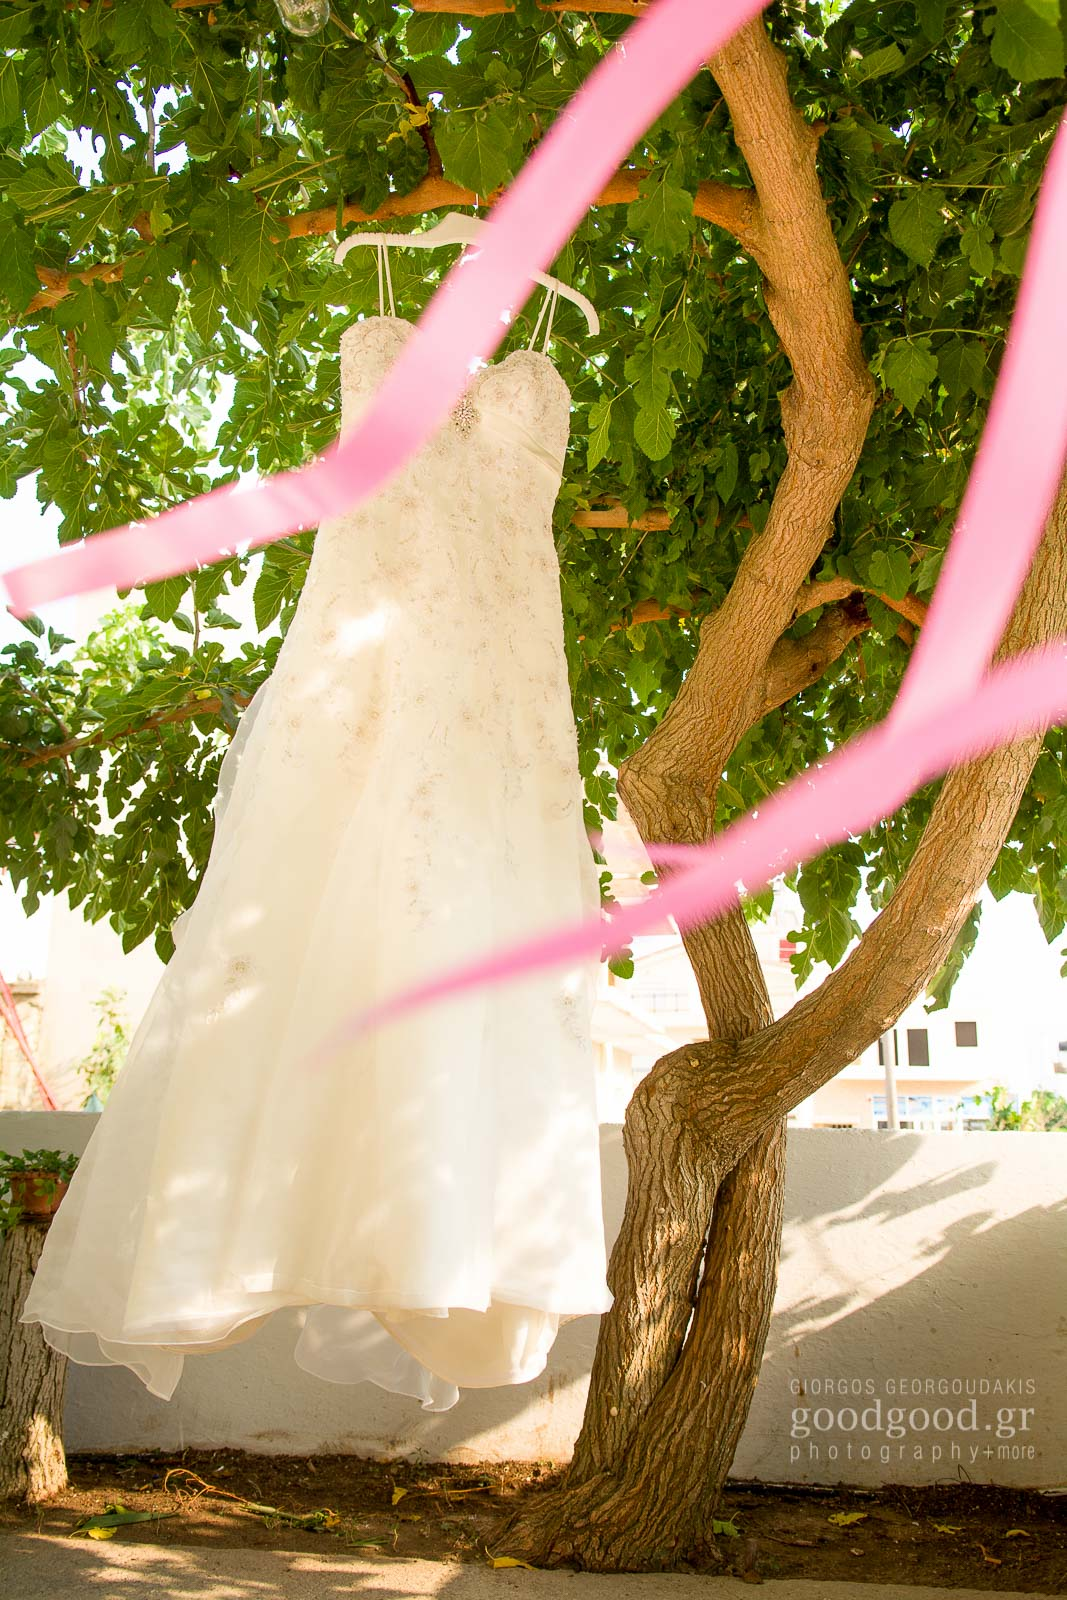 Νυφικό φόρεμα κρέμεται από ένα δέντρο πίσω από ροζ κορδέλες